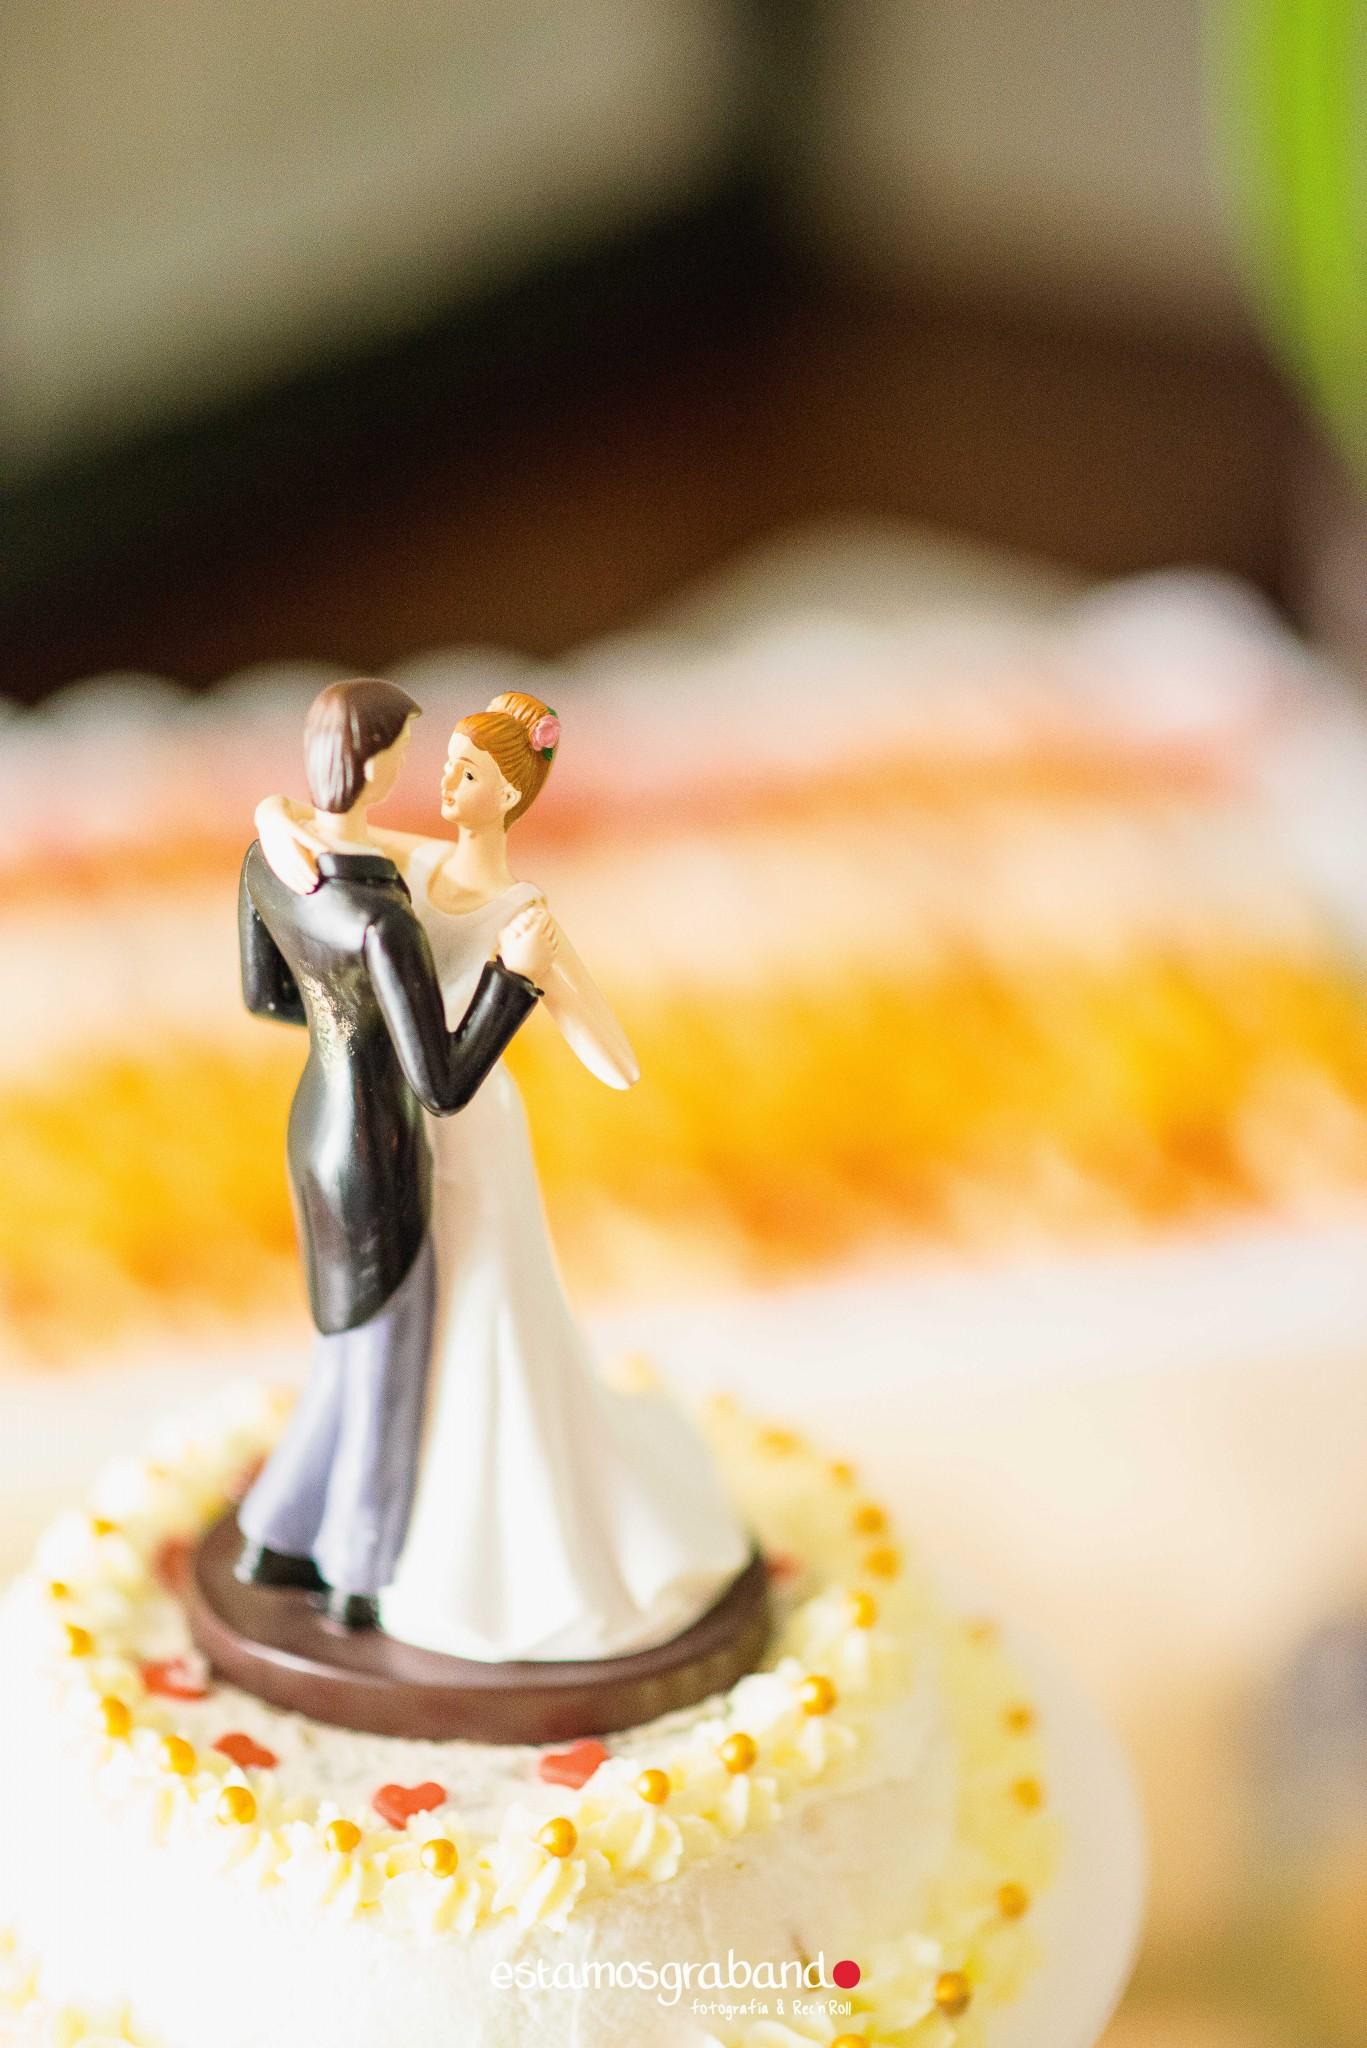 boda-en-chiclana_sonia-y-diego_fotograficc81a-de-boda-72 Zahara Sonia + Diego [Fotografía de Boda en Zahara] - video boda cadiz